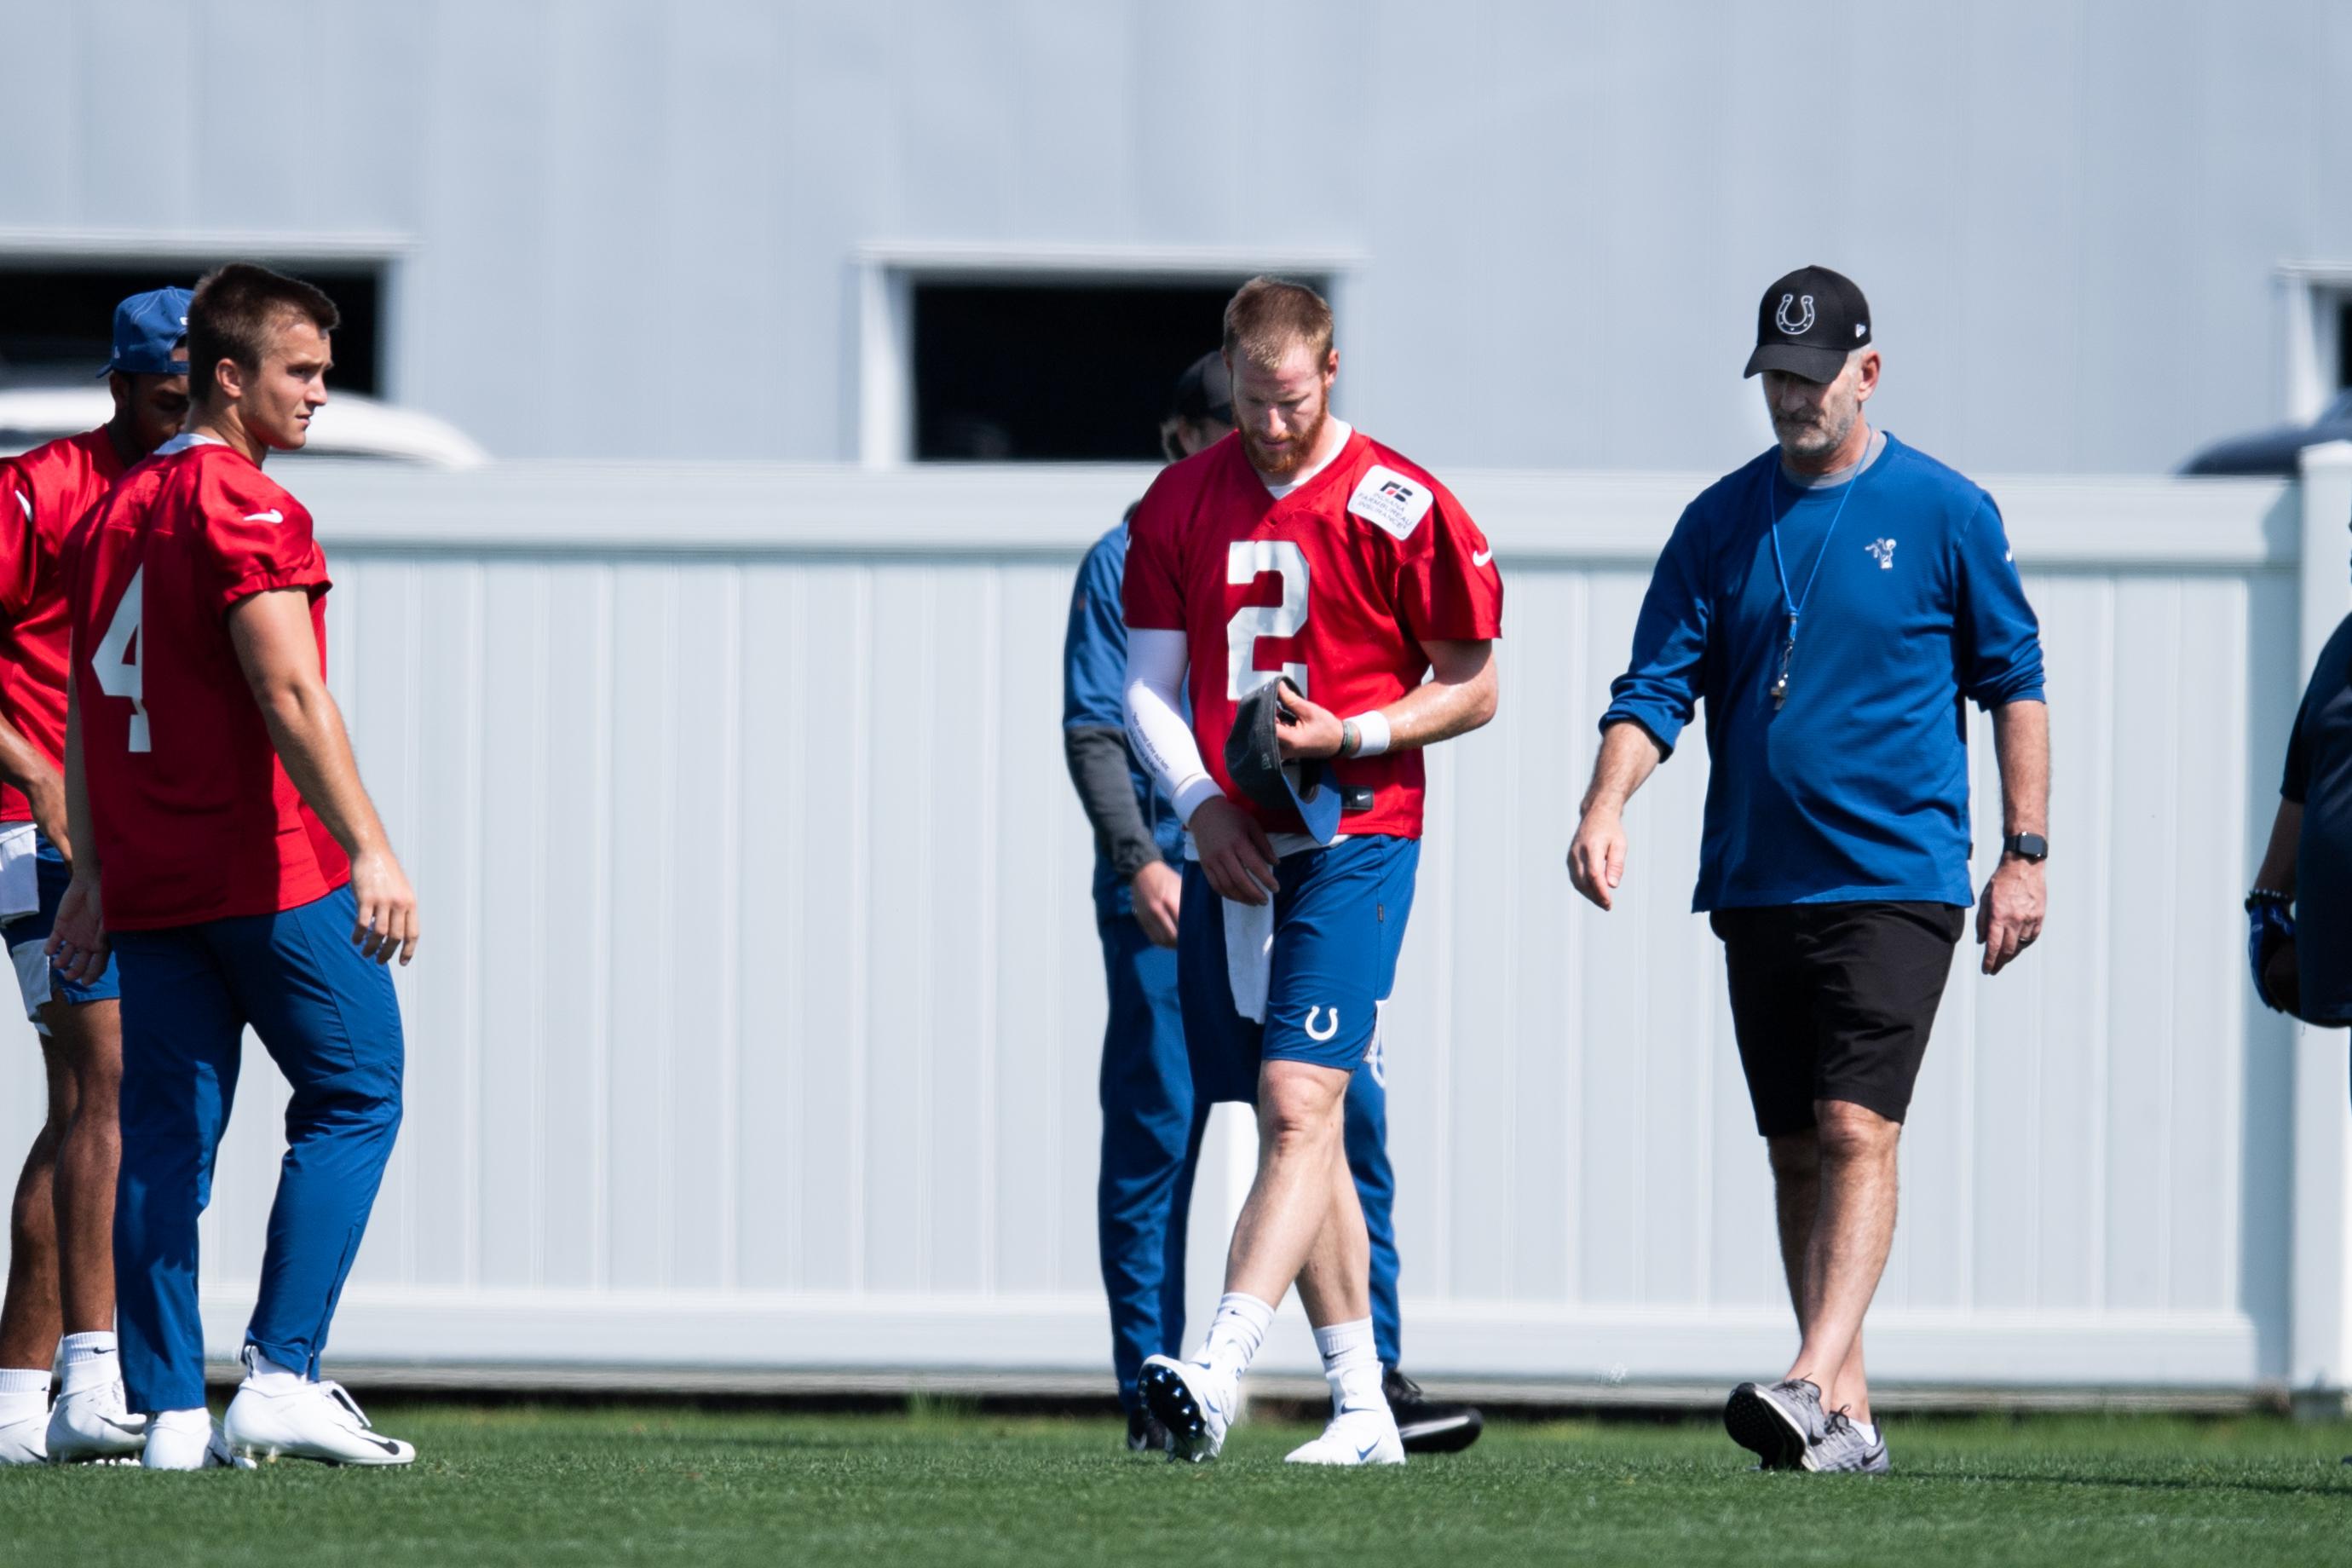 NFL: MAY 20 Colts OTA